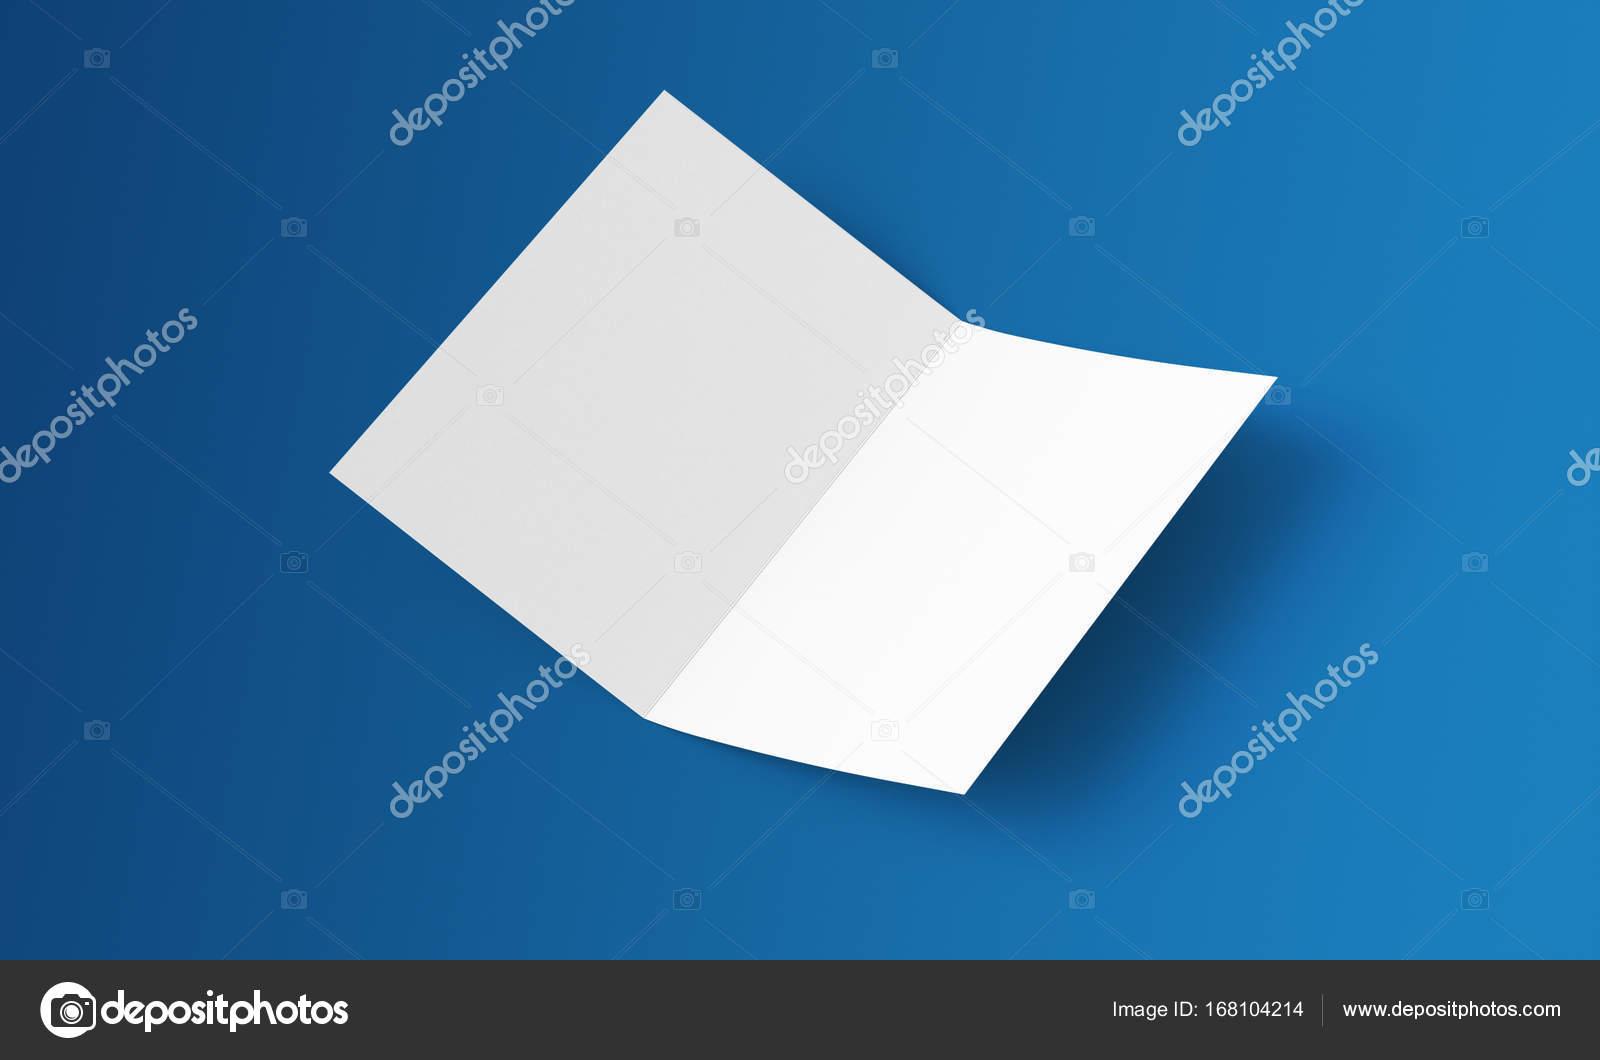 Vol Stationnaire Vide Double Brochure Papier Sur Le Fond Maquette Magazine Ouvert Journal Carte Postale Flyer De Visite Ou